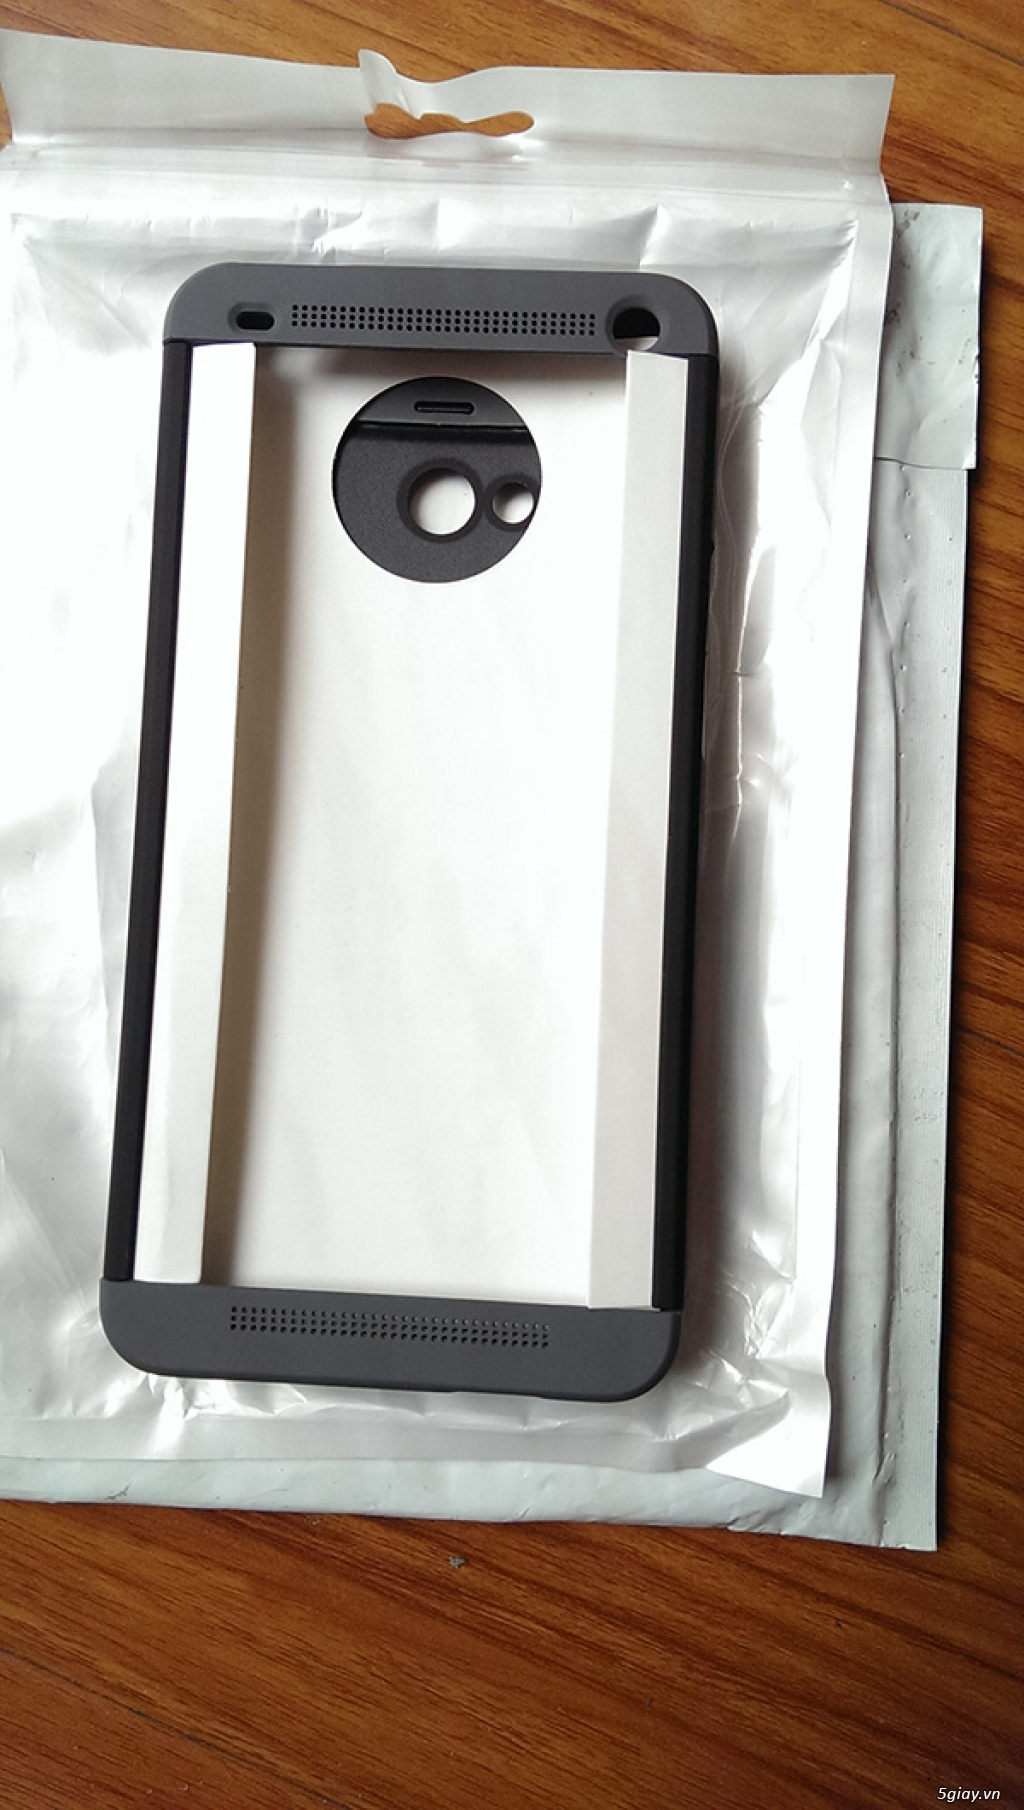 Bán case HTC ONE M7 double dip (3 mảnh) nhựa sơn mờ mới vừa bóc tem - 4